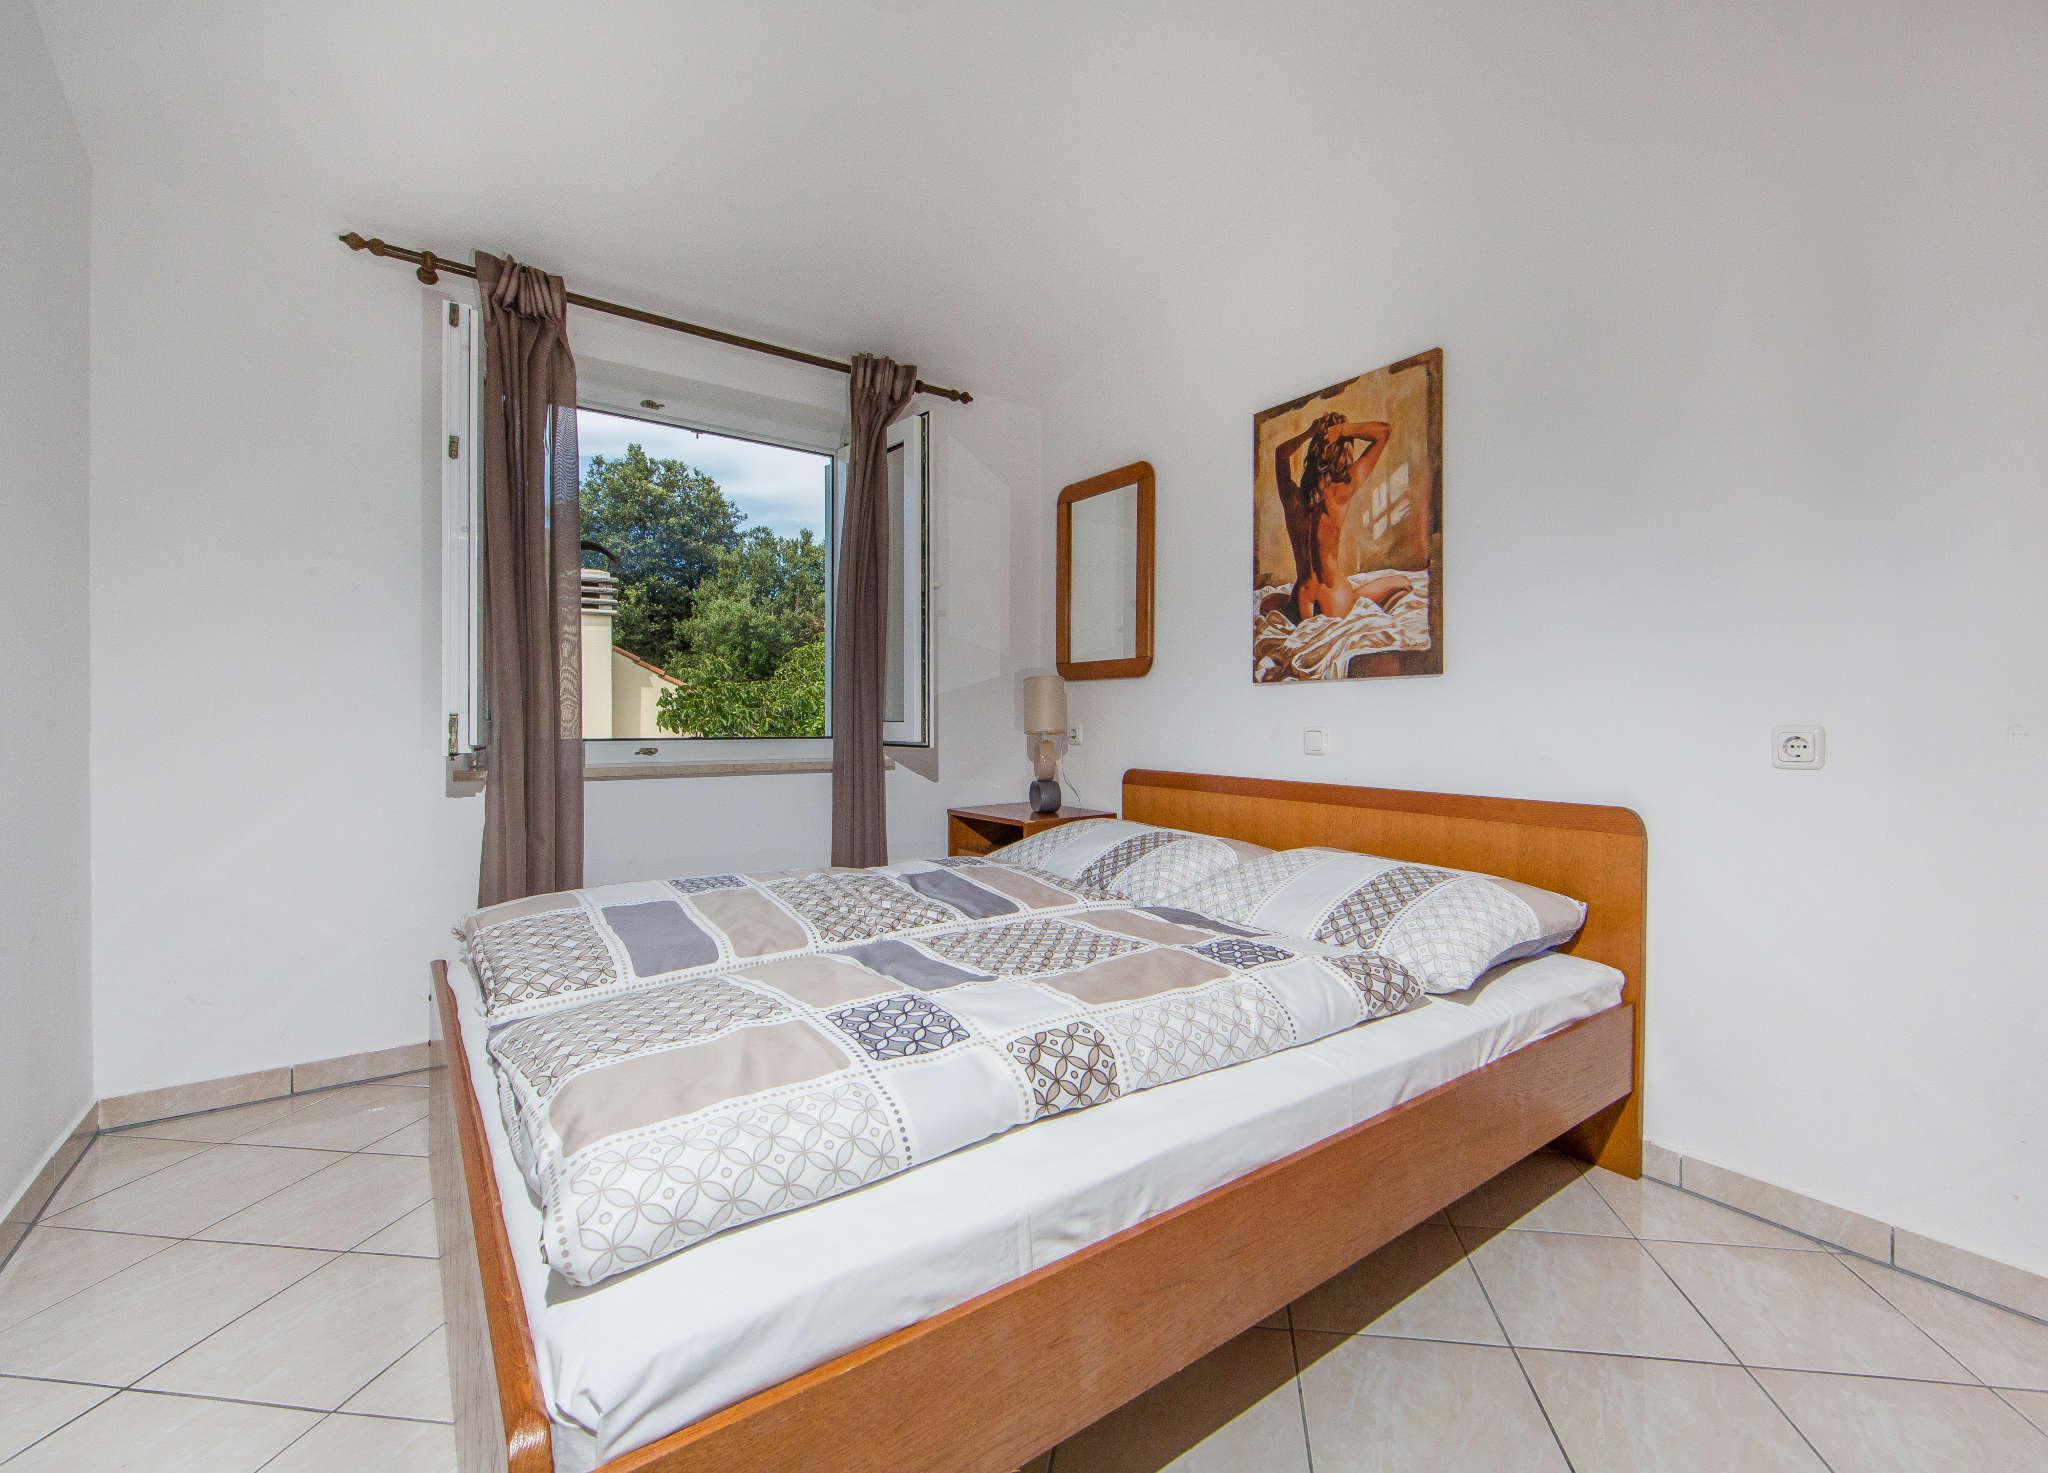 Schlafzimmer 2 mit direktem Badzugang